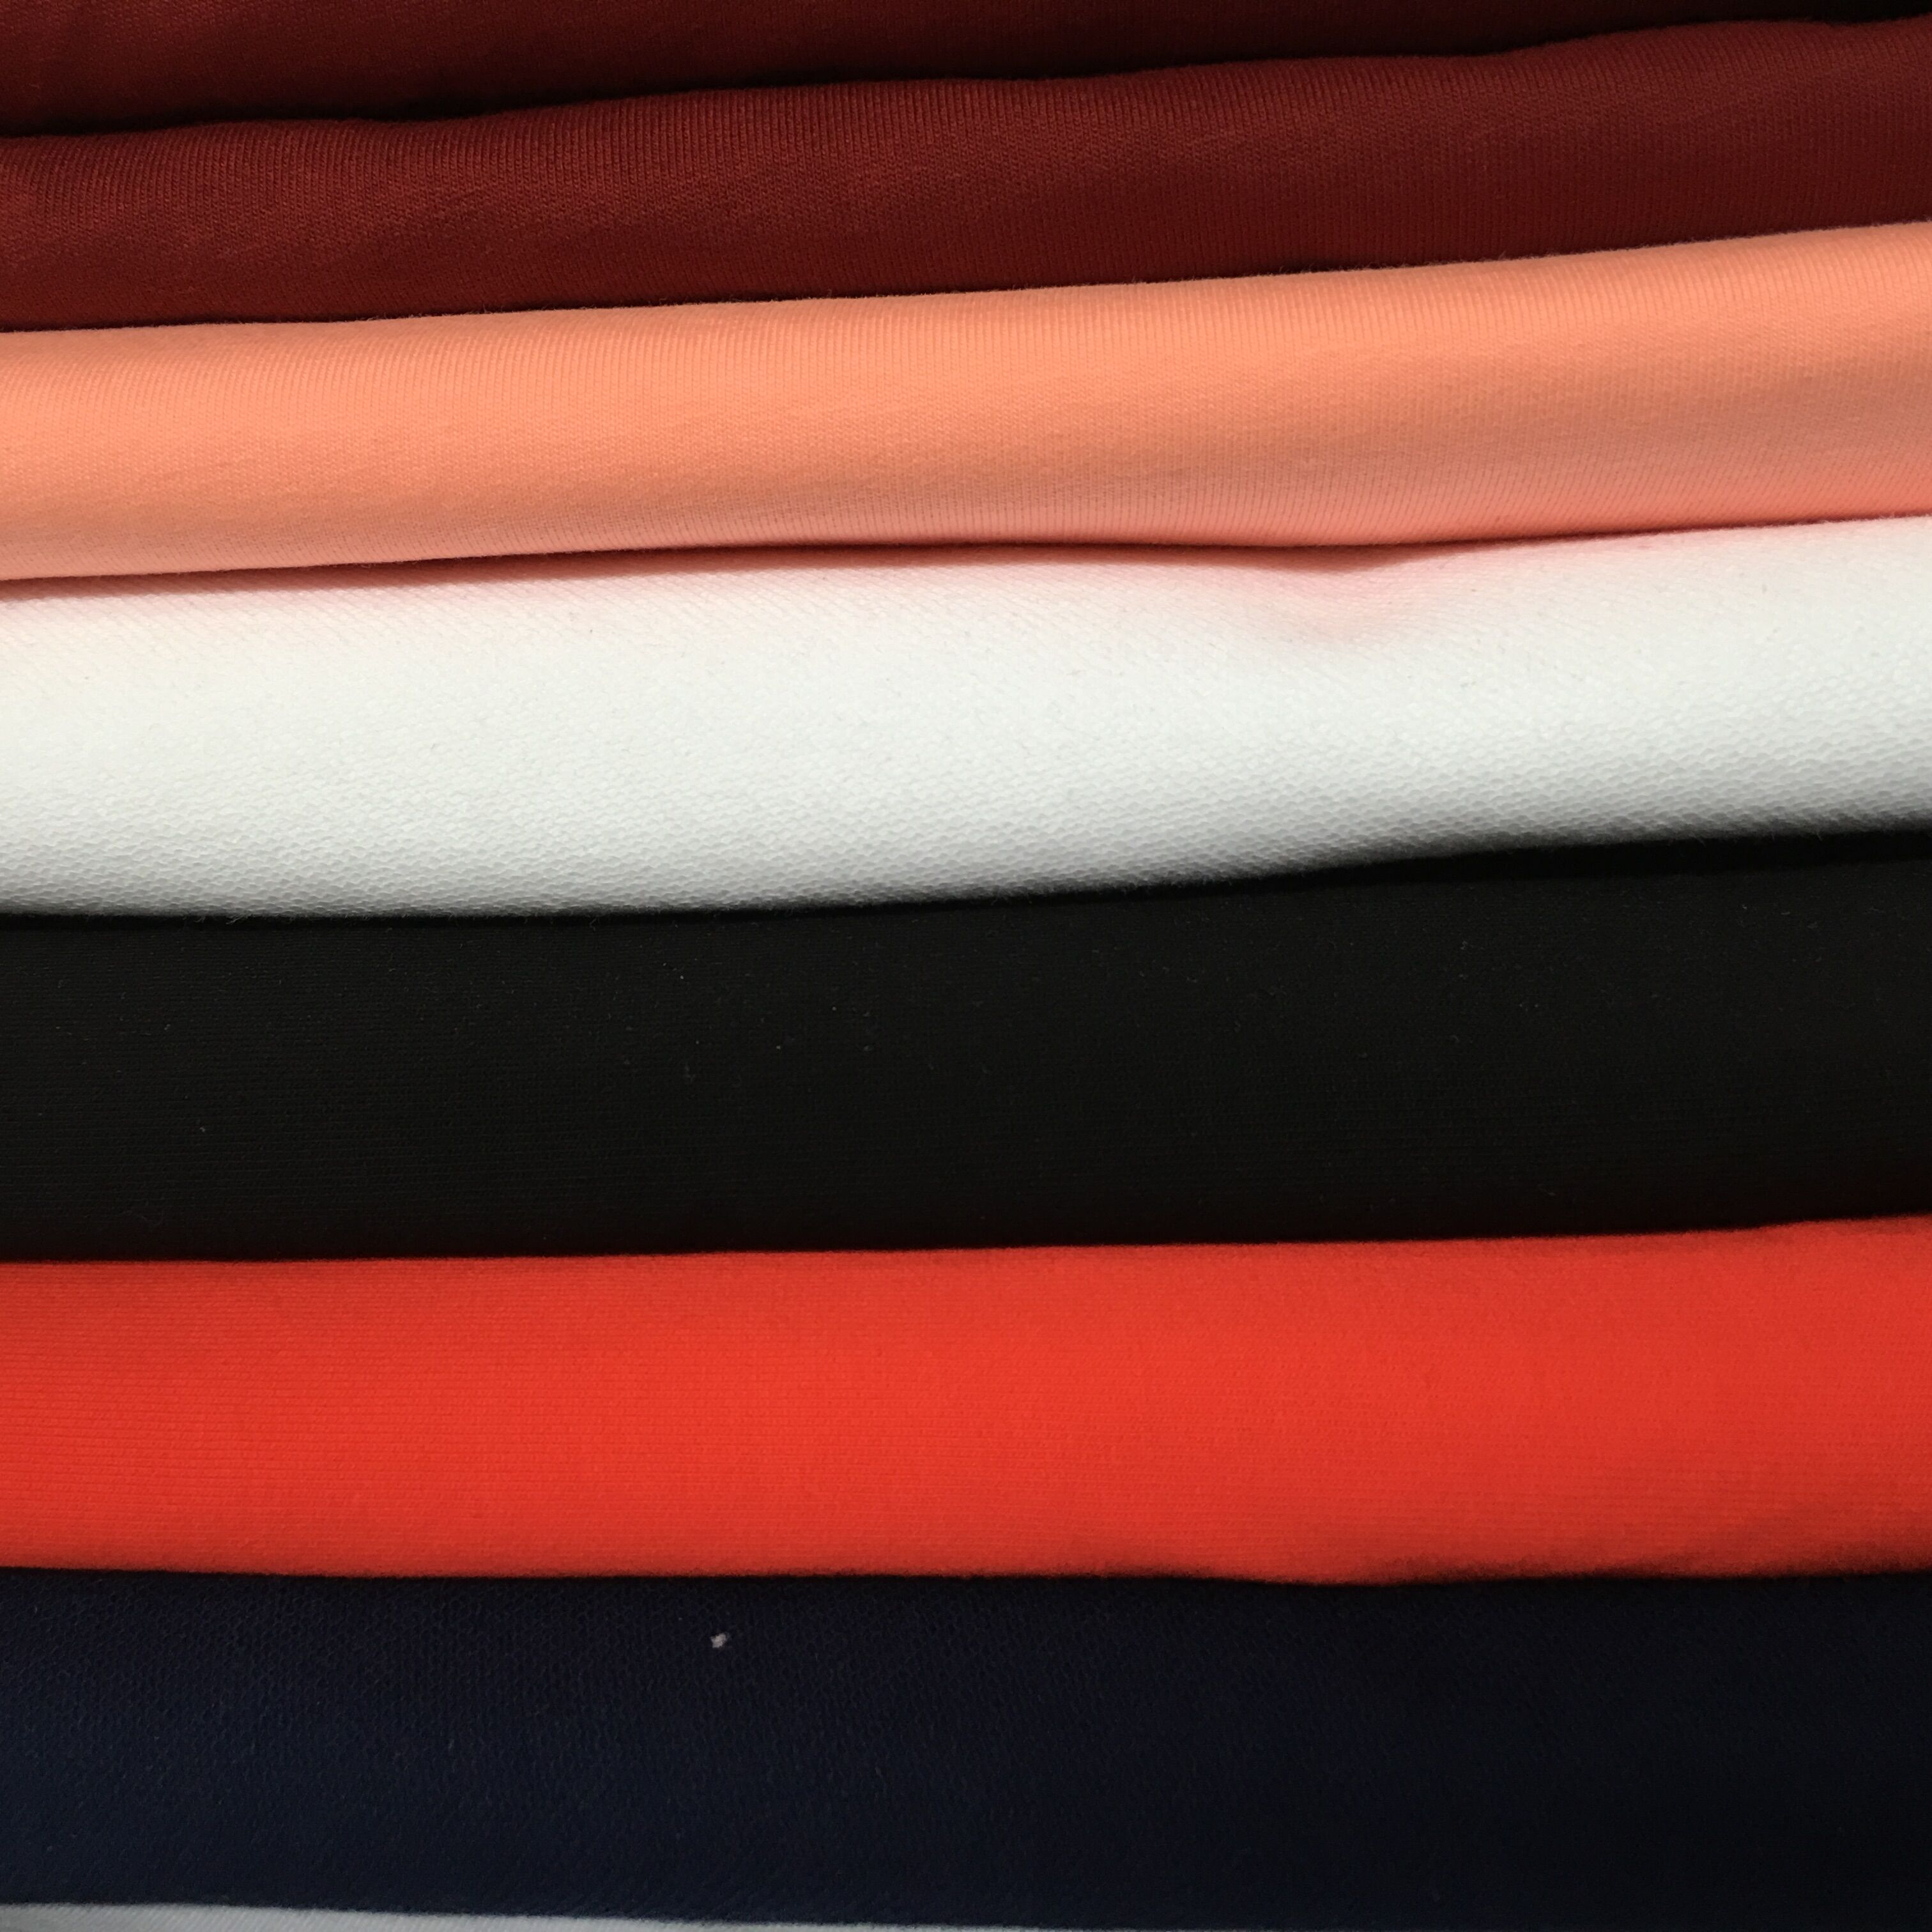 卫衣仔面料加工|广东卫衣仔面料加工生产|广东卫衣仔面料加工批发|广东卫衣仔面料加工供应商